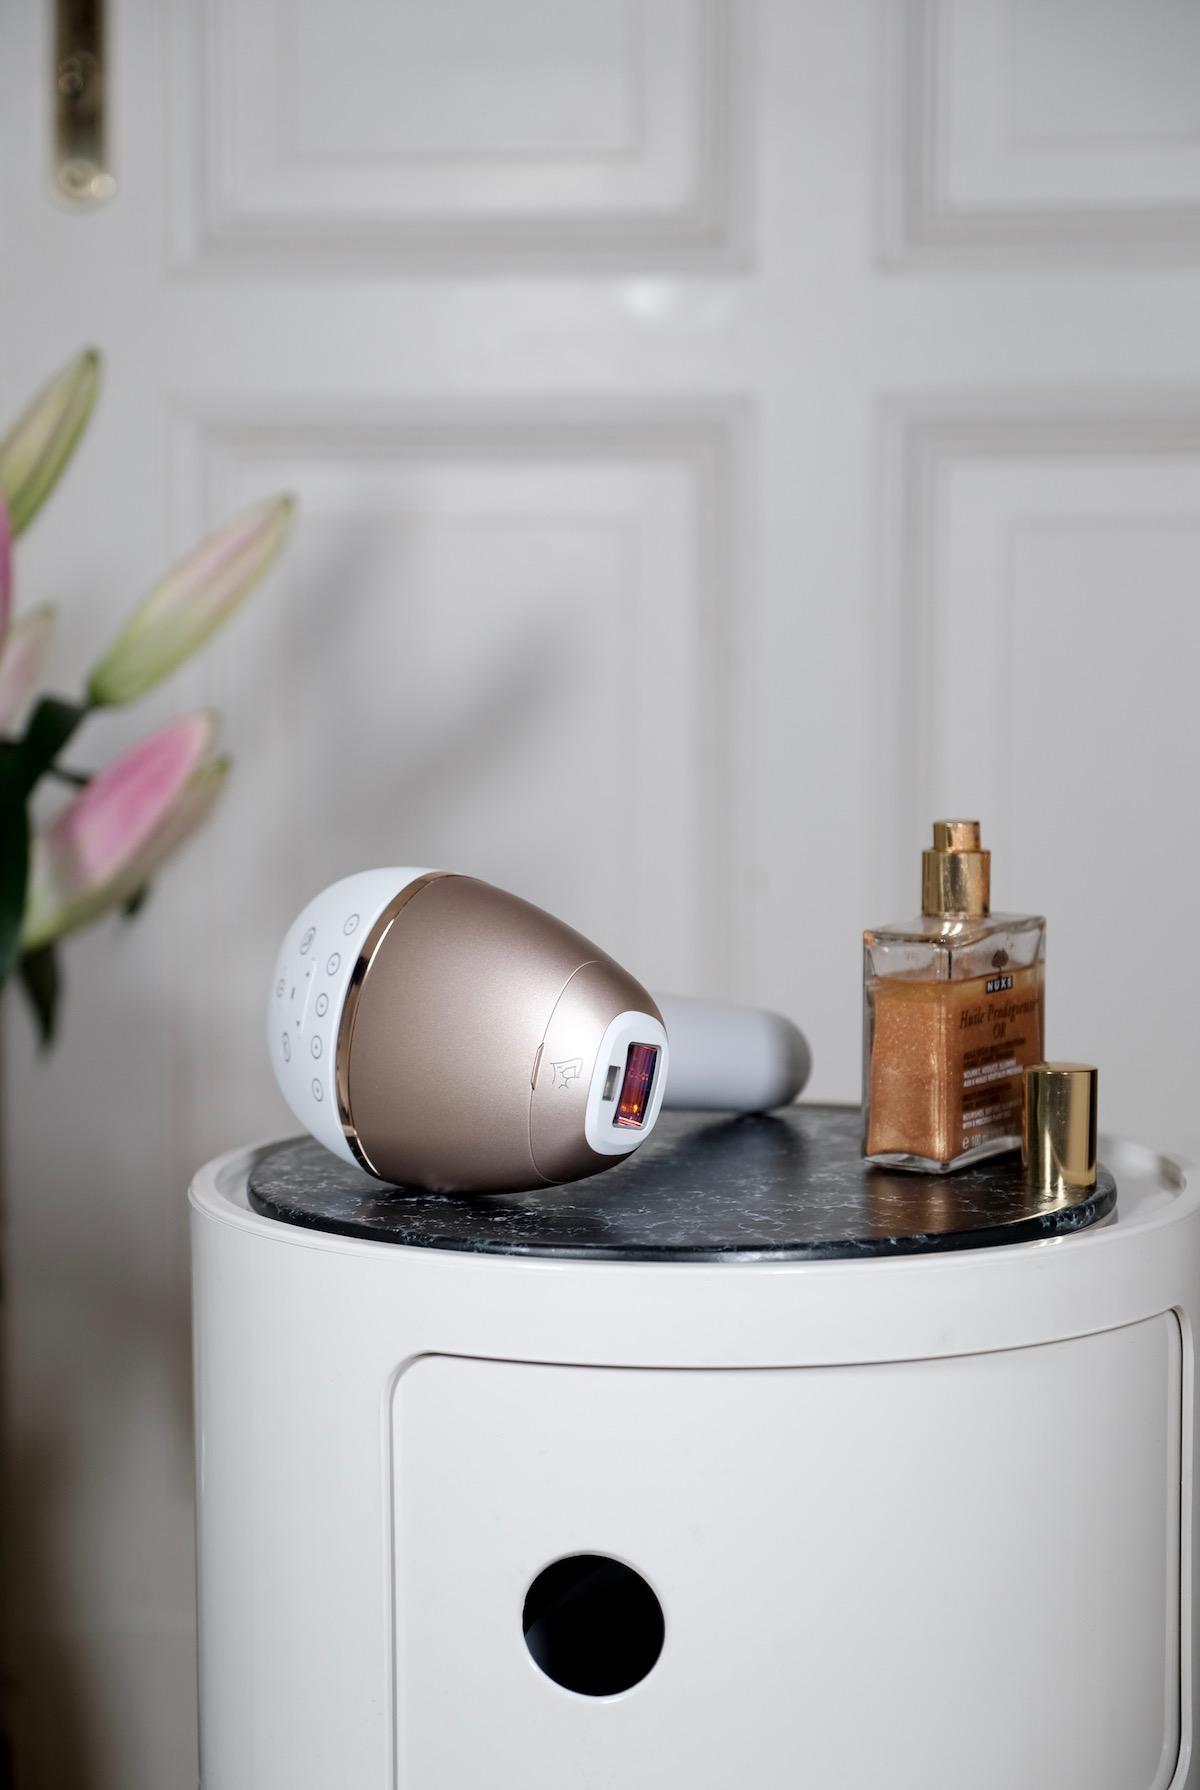 Beautyblog Beautyblogger BARE MINDS Elina Neumann Erfahrungsbericht Philips Lumea Review 2